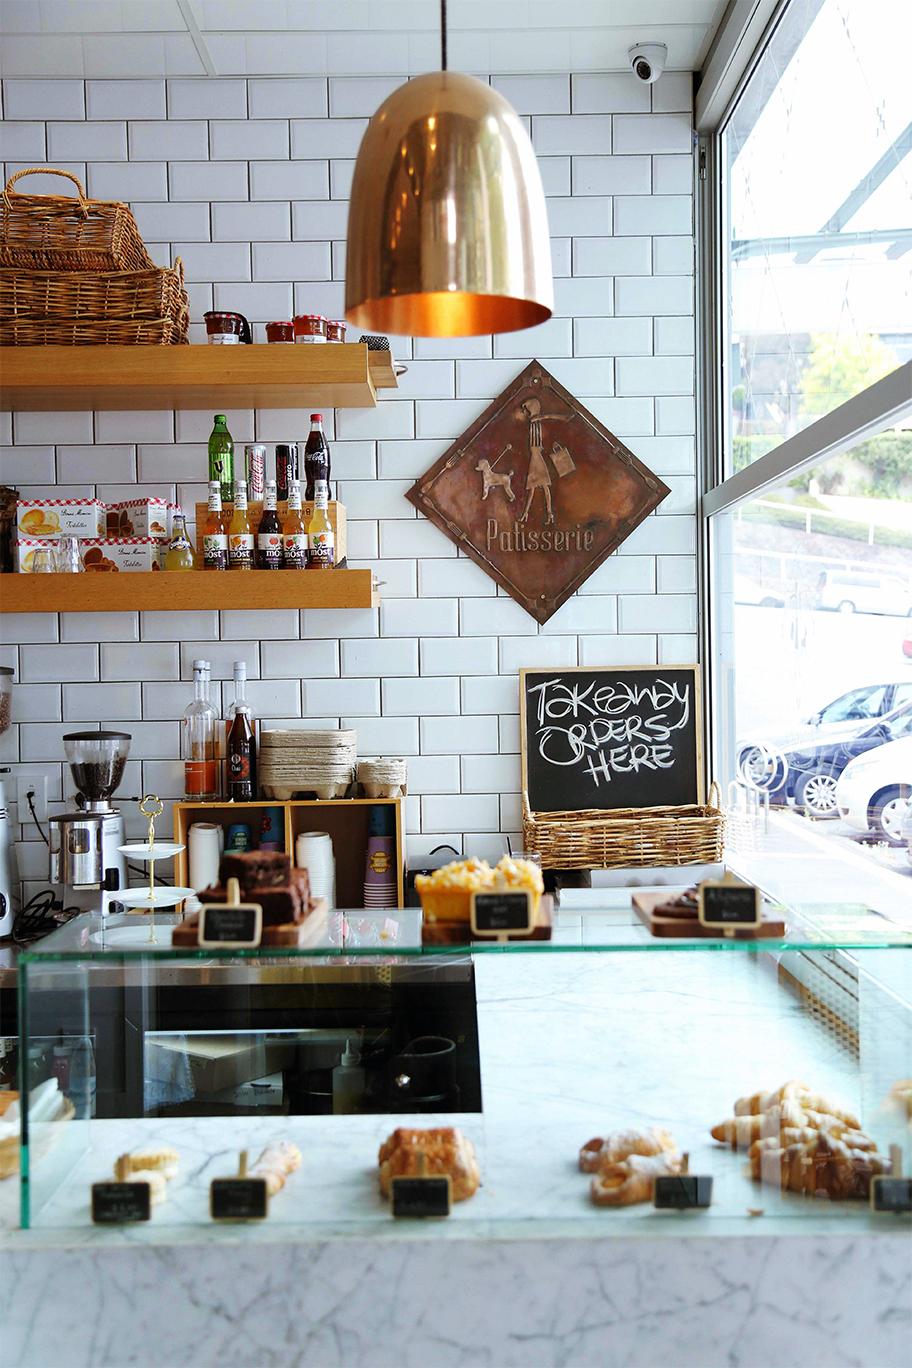 La-Fourchette-Restaurant-Cafe-Shop01.png